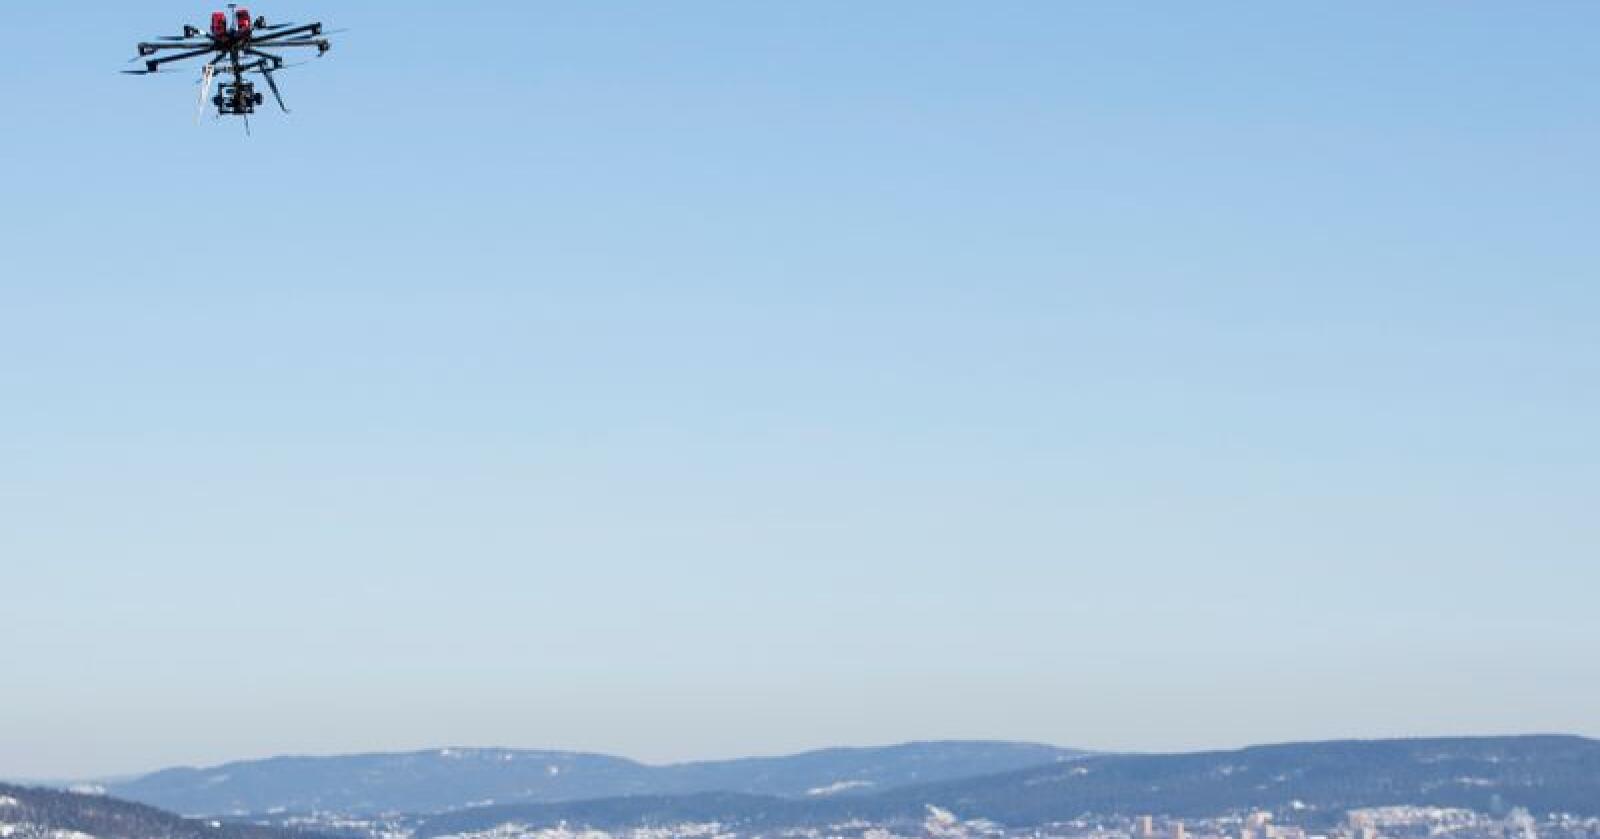 Regjeringen vurderer droner eller satellittløsninger for å sørge for bedre mobildekning i krisesituasjoner og under ekstremvær. Foto: Håkon Mosvold Larsen / NTB scanpix